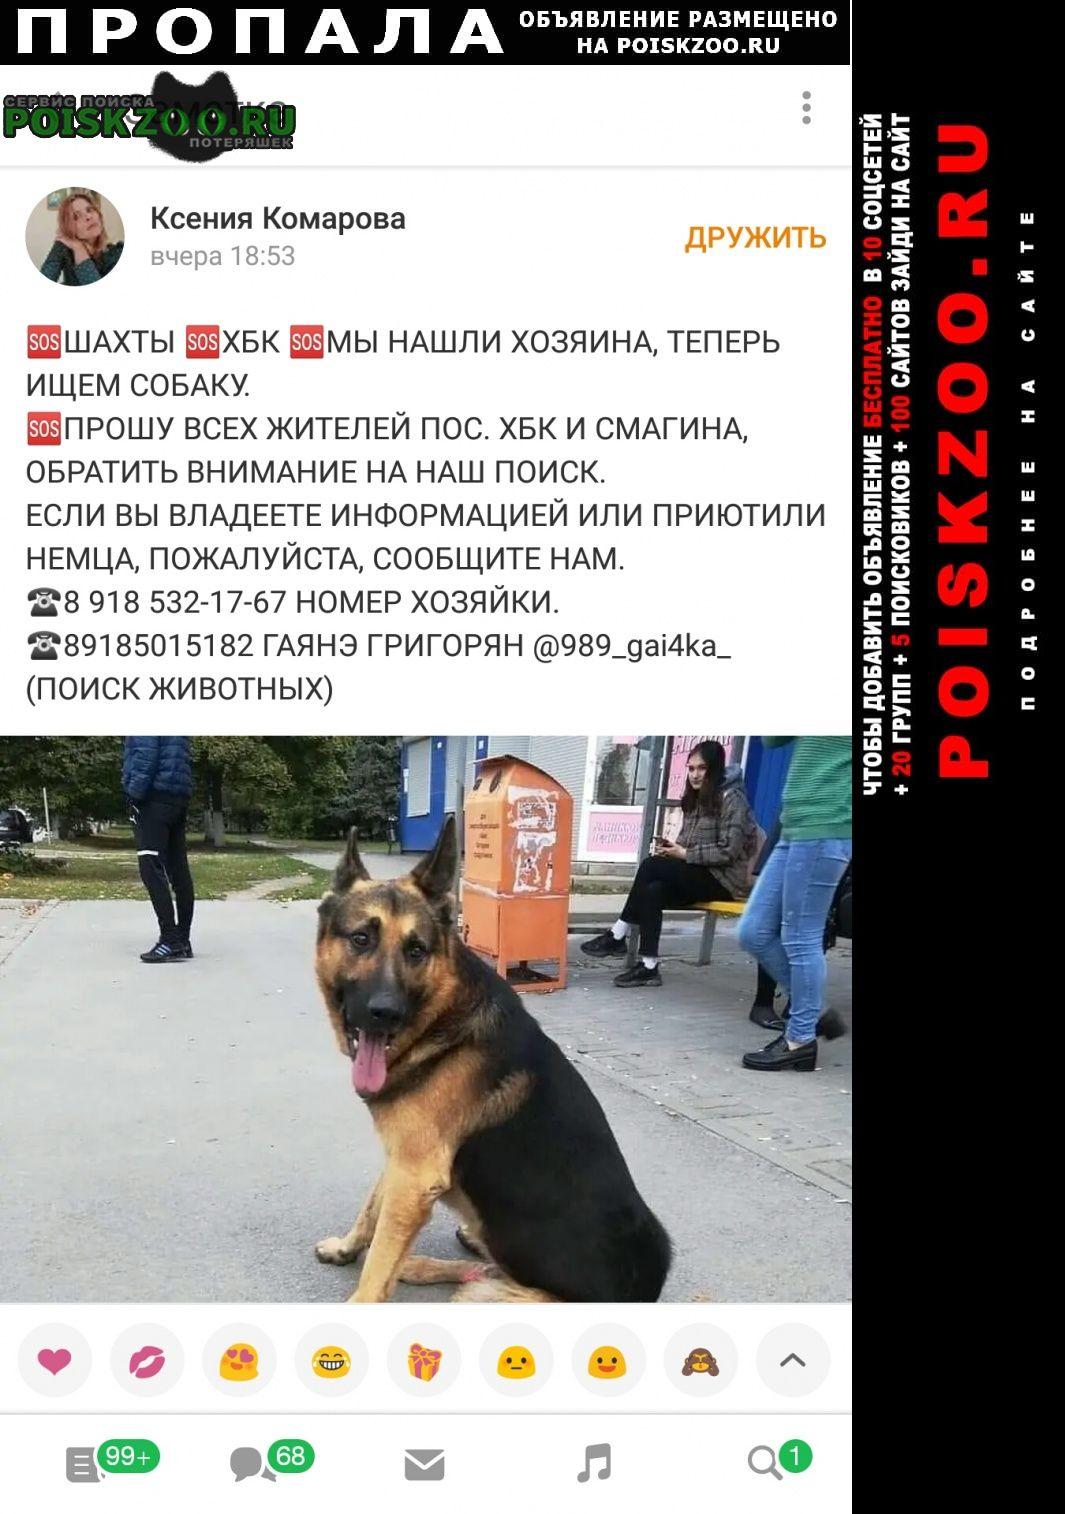 Пропала собака кобель важна любая информация Шахты